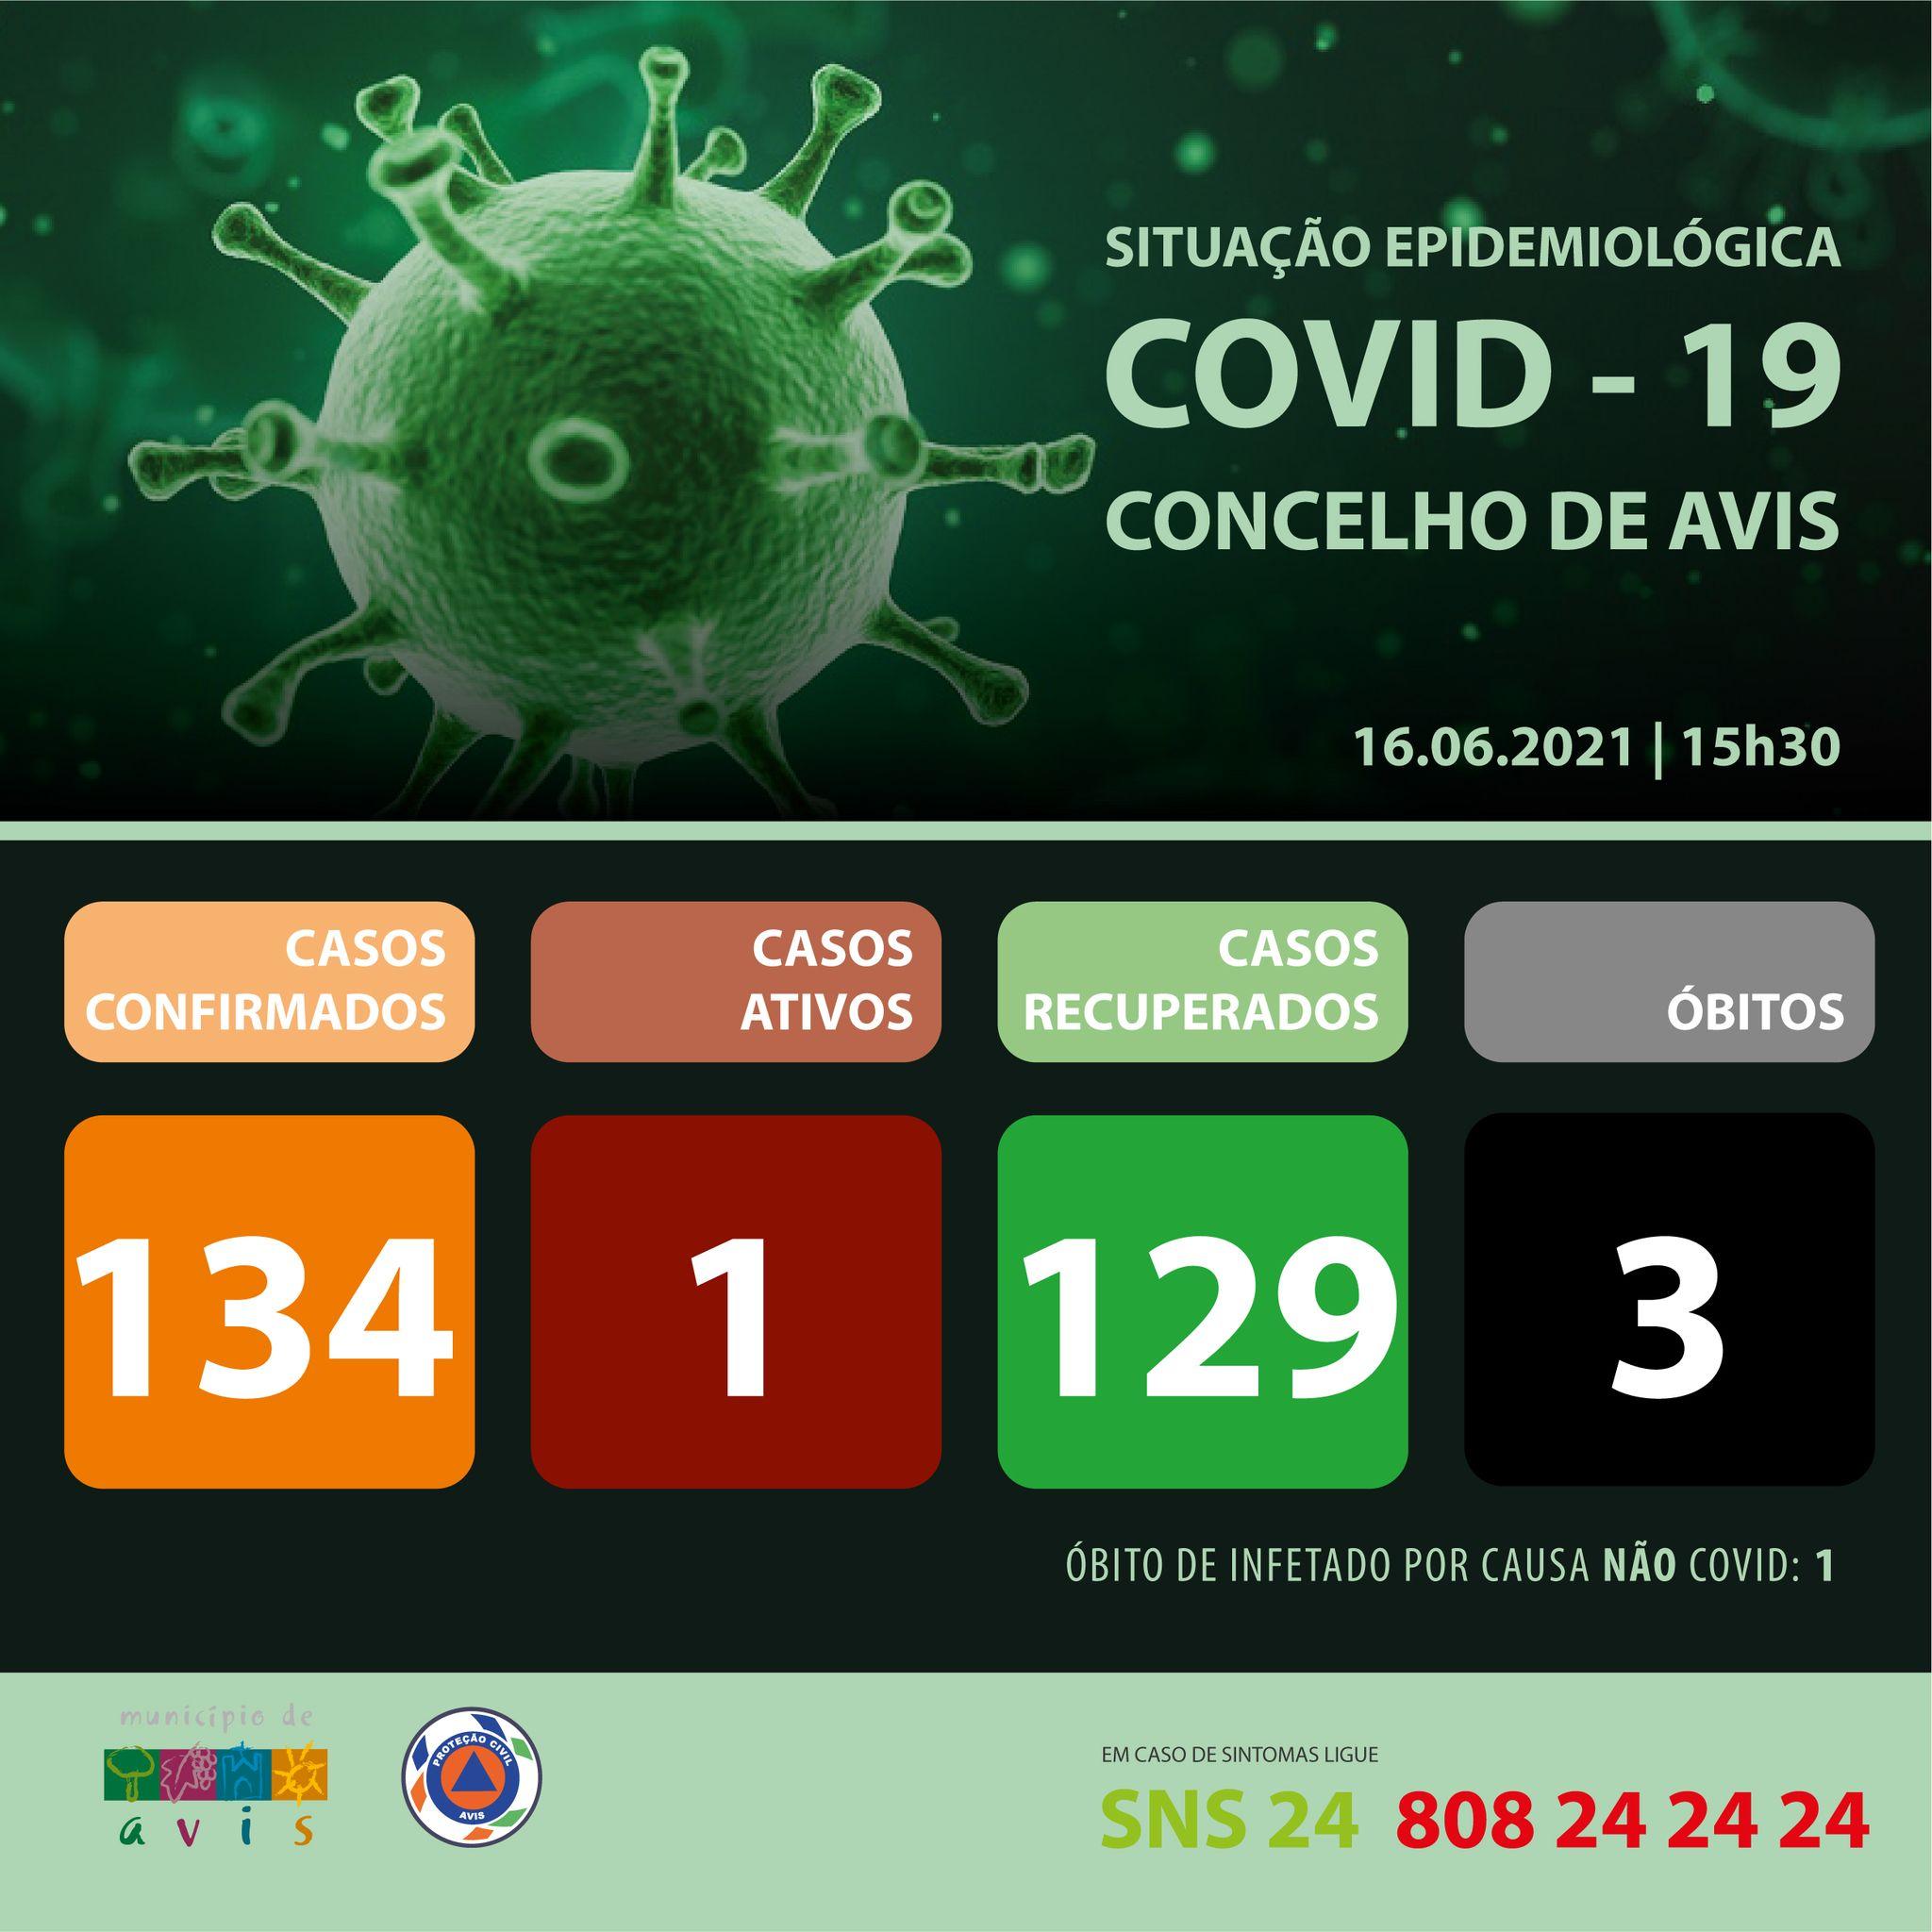 Covid19-16.06.2021